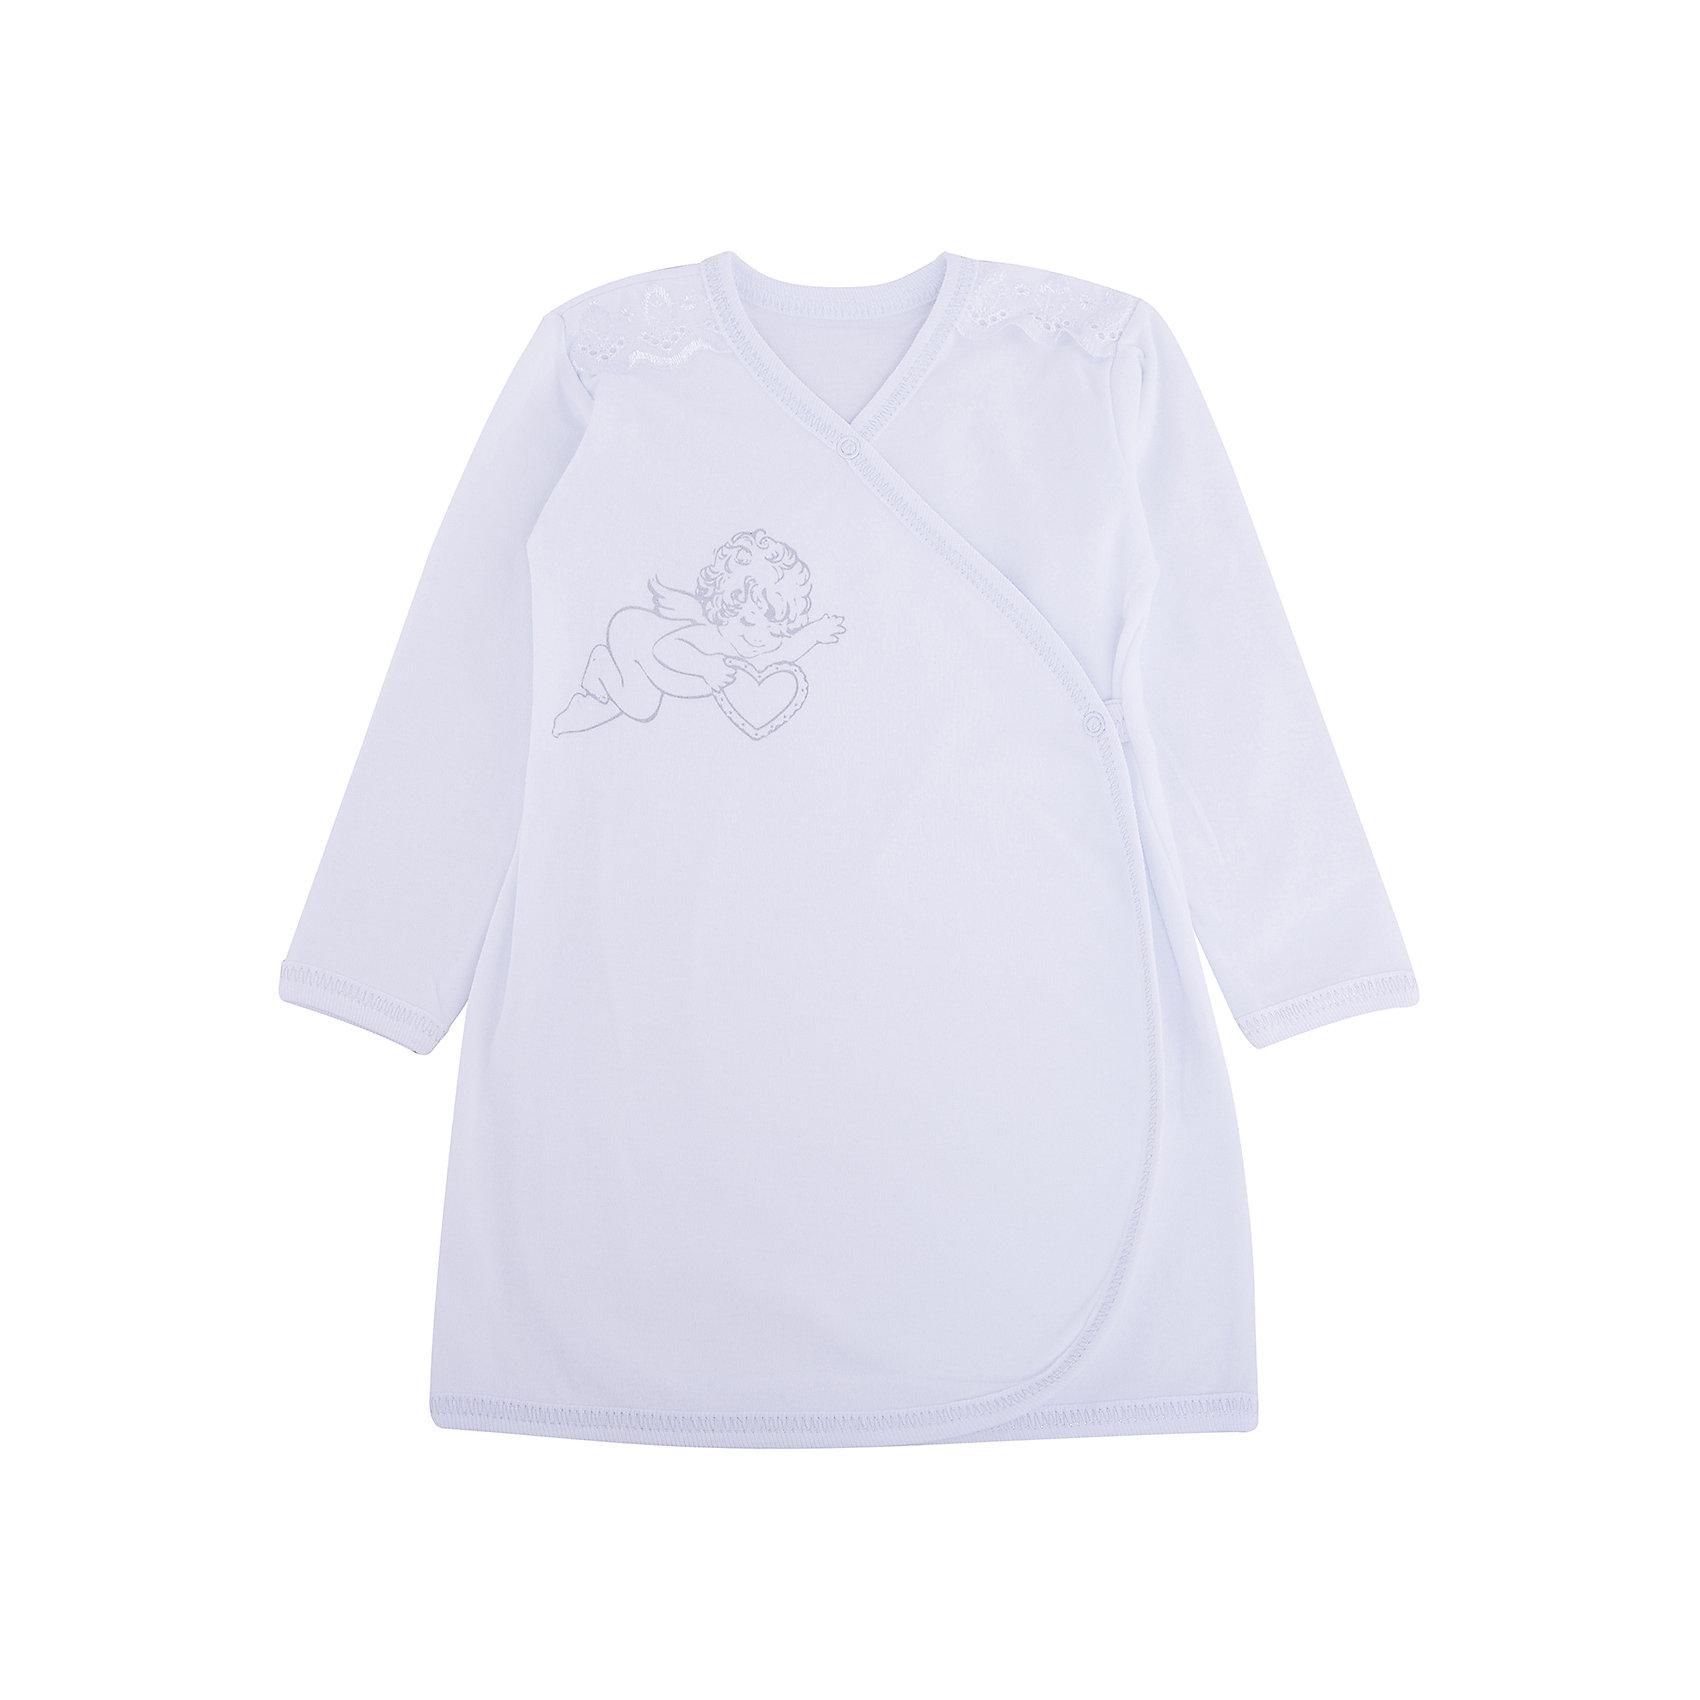 Крестильная рубашка с шитьем, р-р 80,  NewBorn, белыйПлатья<br>Характеристики:<br><br>• Вид детской одежды: рубашка с запахом<br>• Предназначение: для крещения<br>• Коллекция: NewBorn<br>• Сезон: круглый год<br>• Пол: для мальчика<br>• Тематика рисунка: ангелы<br>• Размер: 80<br>• Цвет: белый<br>• Материал: трикотаж, хлопок<br>• Длина рукава: длинные<br>• Запах: спереди<br>• Застежка: спереди на кнопке<br>• Декорирована широкой тесьмой из шитья <br>• Передняя полочка украшена термонаклейкой в виде ангела<br>• Особенности ухода: допускается деликатная стирка без использования красящих и отбеливающих средств<br><br>Крестильная рубашка с шитьем, р-р 80, NewBorn, белый из коллекции NewBorn от отечественного швейного производства ТексПром предназначена для создания праздничного образа мальчика во время торжественного обряда крещения. Коллекция NewBorn сочетает в себе классические и современные тенденции в мире моды для новорожденных, при этом сохраняются самые лучшие традиции при технологии изготовления детской одежды: свободный крой, внешние швы и натуральные ткани.  Рубашка с длинными рукавами выполнена из трикотажа, все края которой обработаны трикотажной бейкой. Изделие имеет передний запах с застежкой на кнопке, что обеспечивает его легкое одевание. Праздничный образ создается за счет отделки из широкого шитья на плечиках и термонаклейки на передней полочке в виде ангела. <br><br>Крестильную рубашку с шитьем, р-р 80, NewBorn, белый можно купить в нашем интернет-магазине.<br><br>Ширина мм: 220<br>Глубина мм: 5<br>Высота мм: 400<br>Вес г: 200<br>Возраст от месяцев: 9<br>Возраст до месяцев: 12<br>Пол: Мужской<br>Возраст: Детский<br>SKU: 4912527